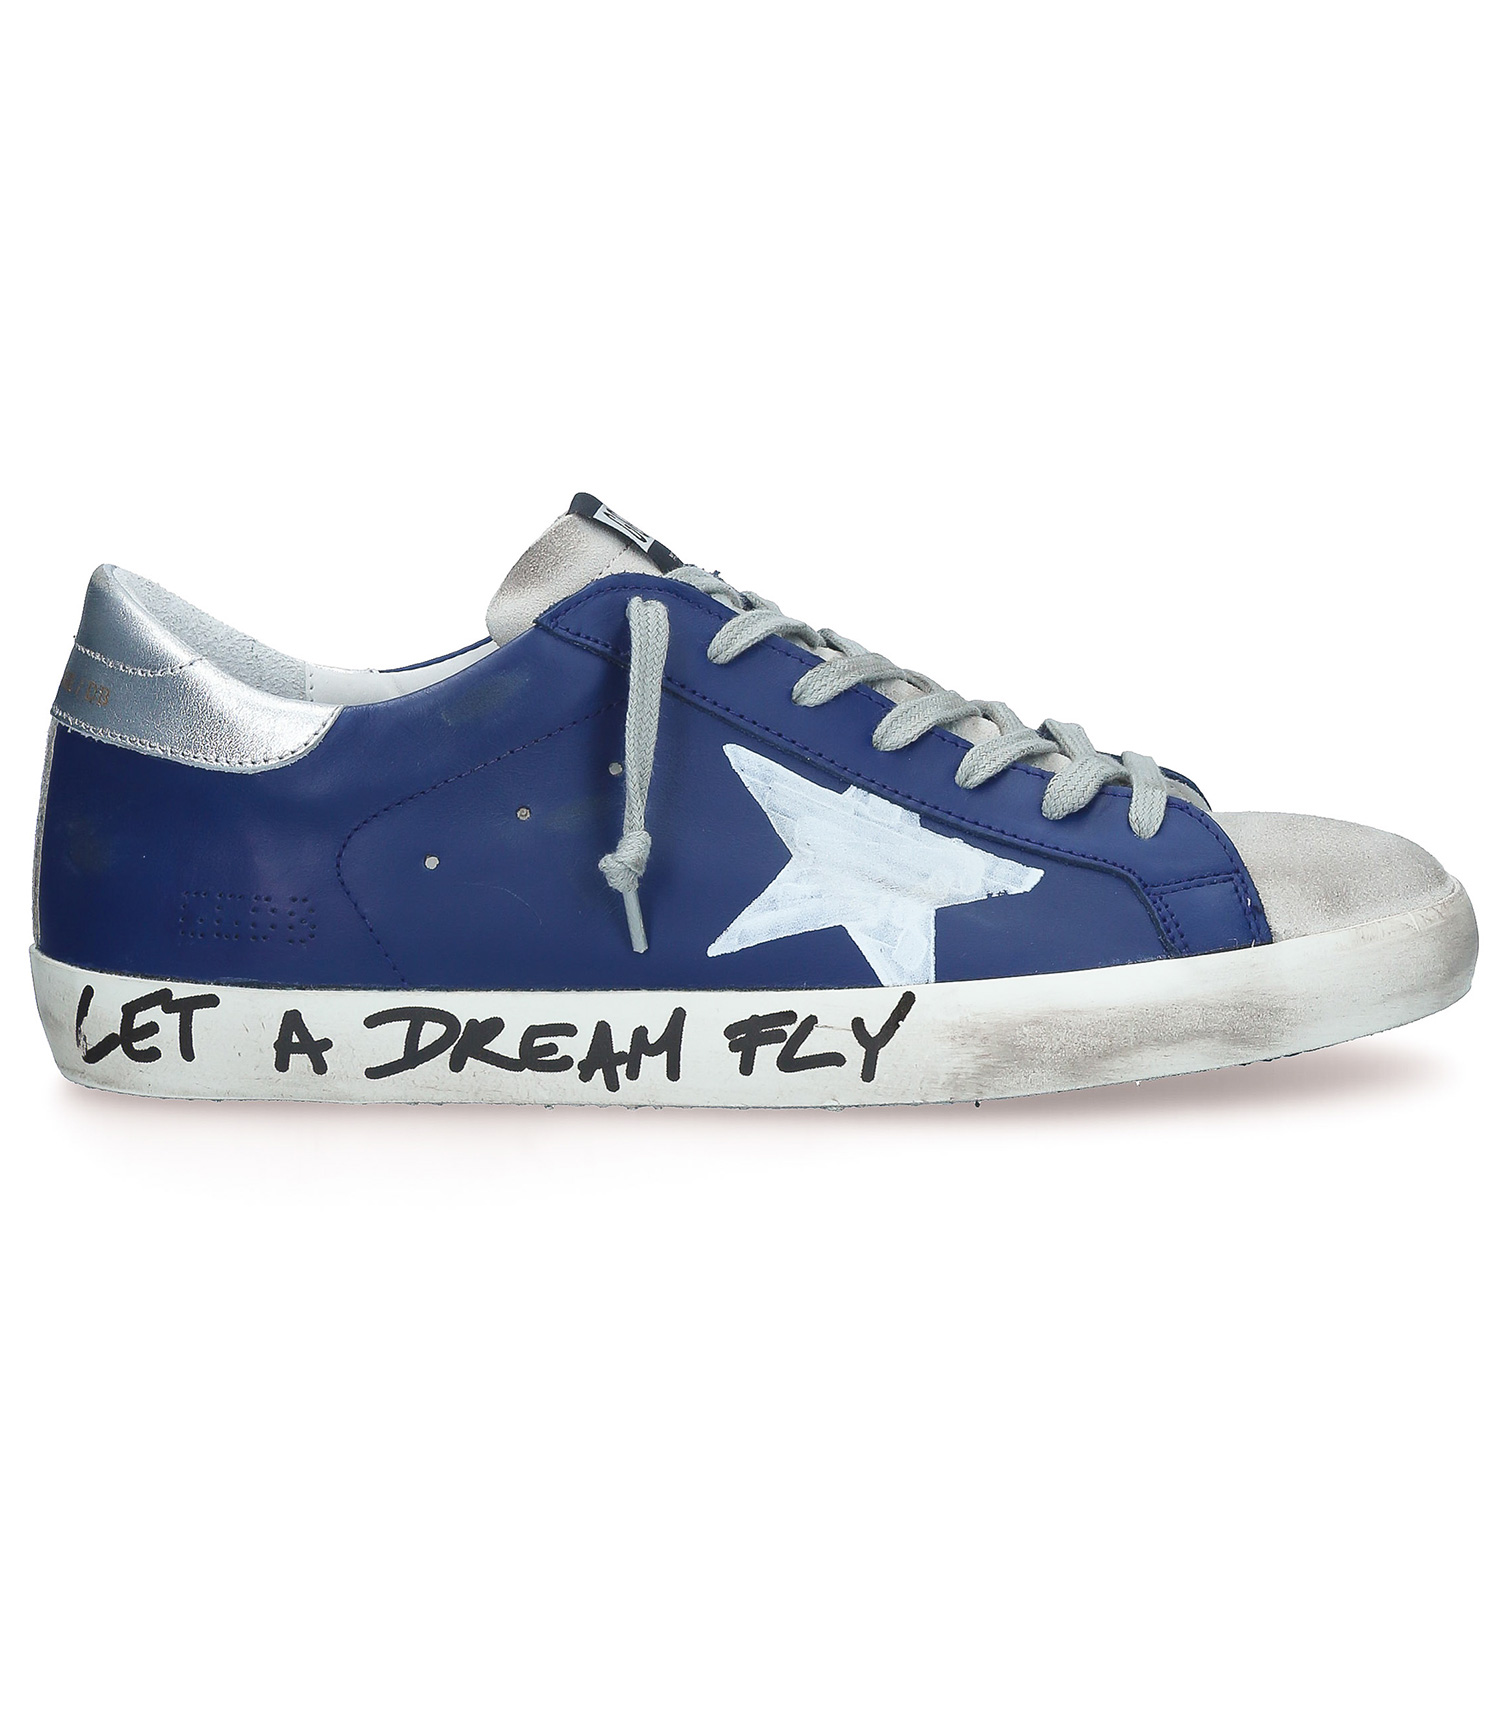 livraison gratuite 0413f 50280 Sneakers Superstar Homme bleu marine à message Golden Goose - Jane de Boy